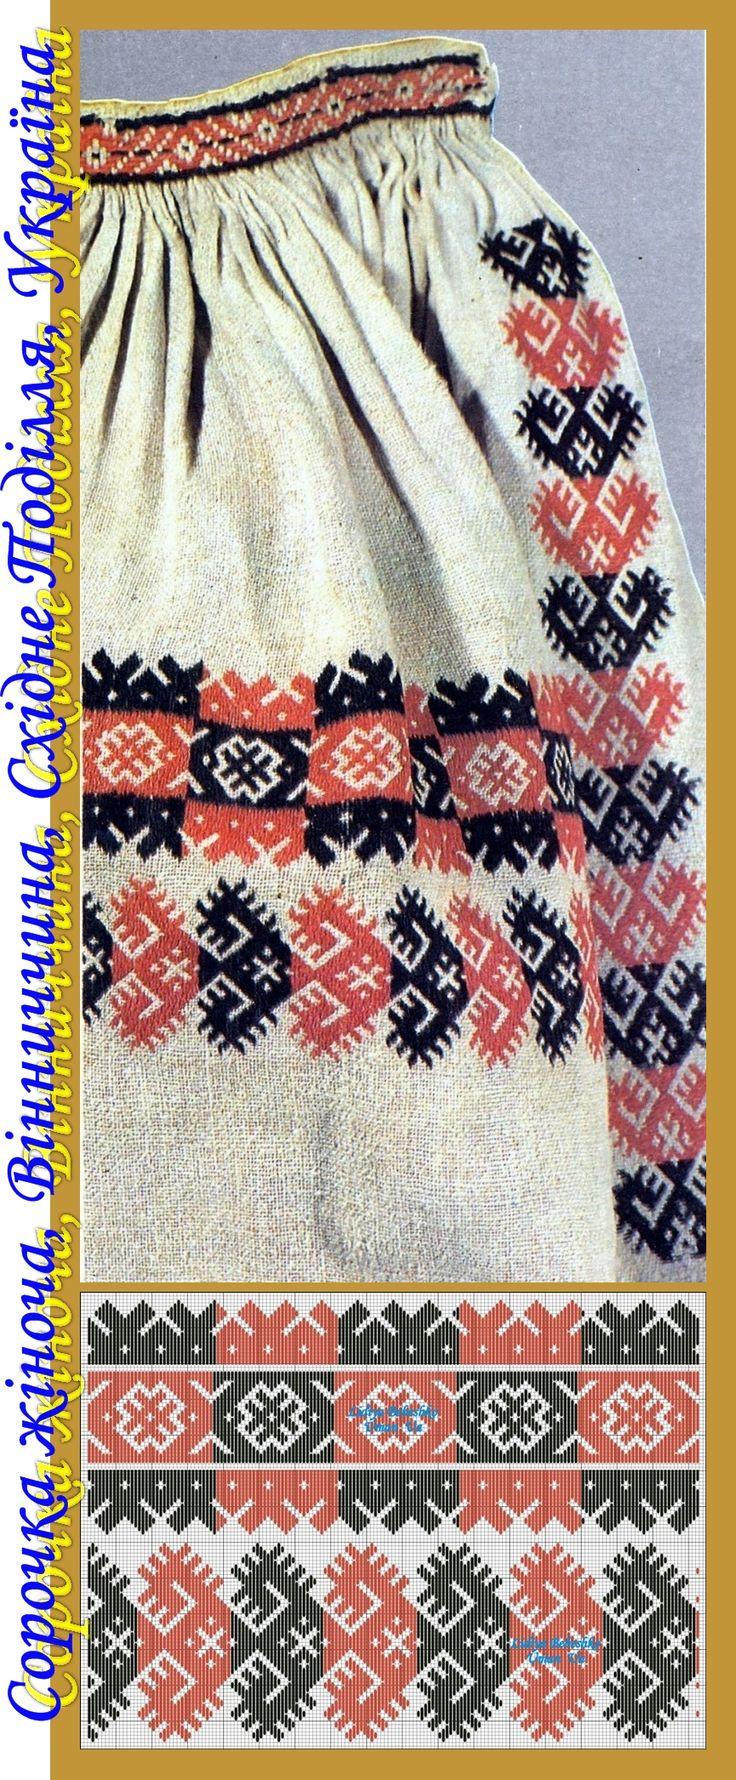 Жіноча сорочка кінця ХІХ ст. з Вінниччини, Східне Поділля, Україна.